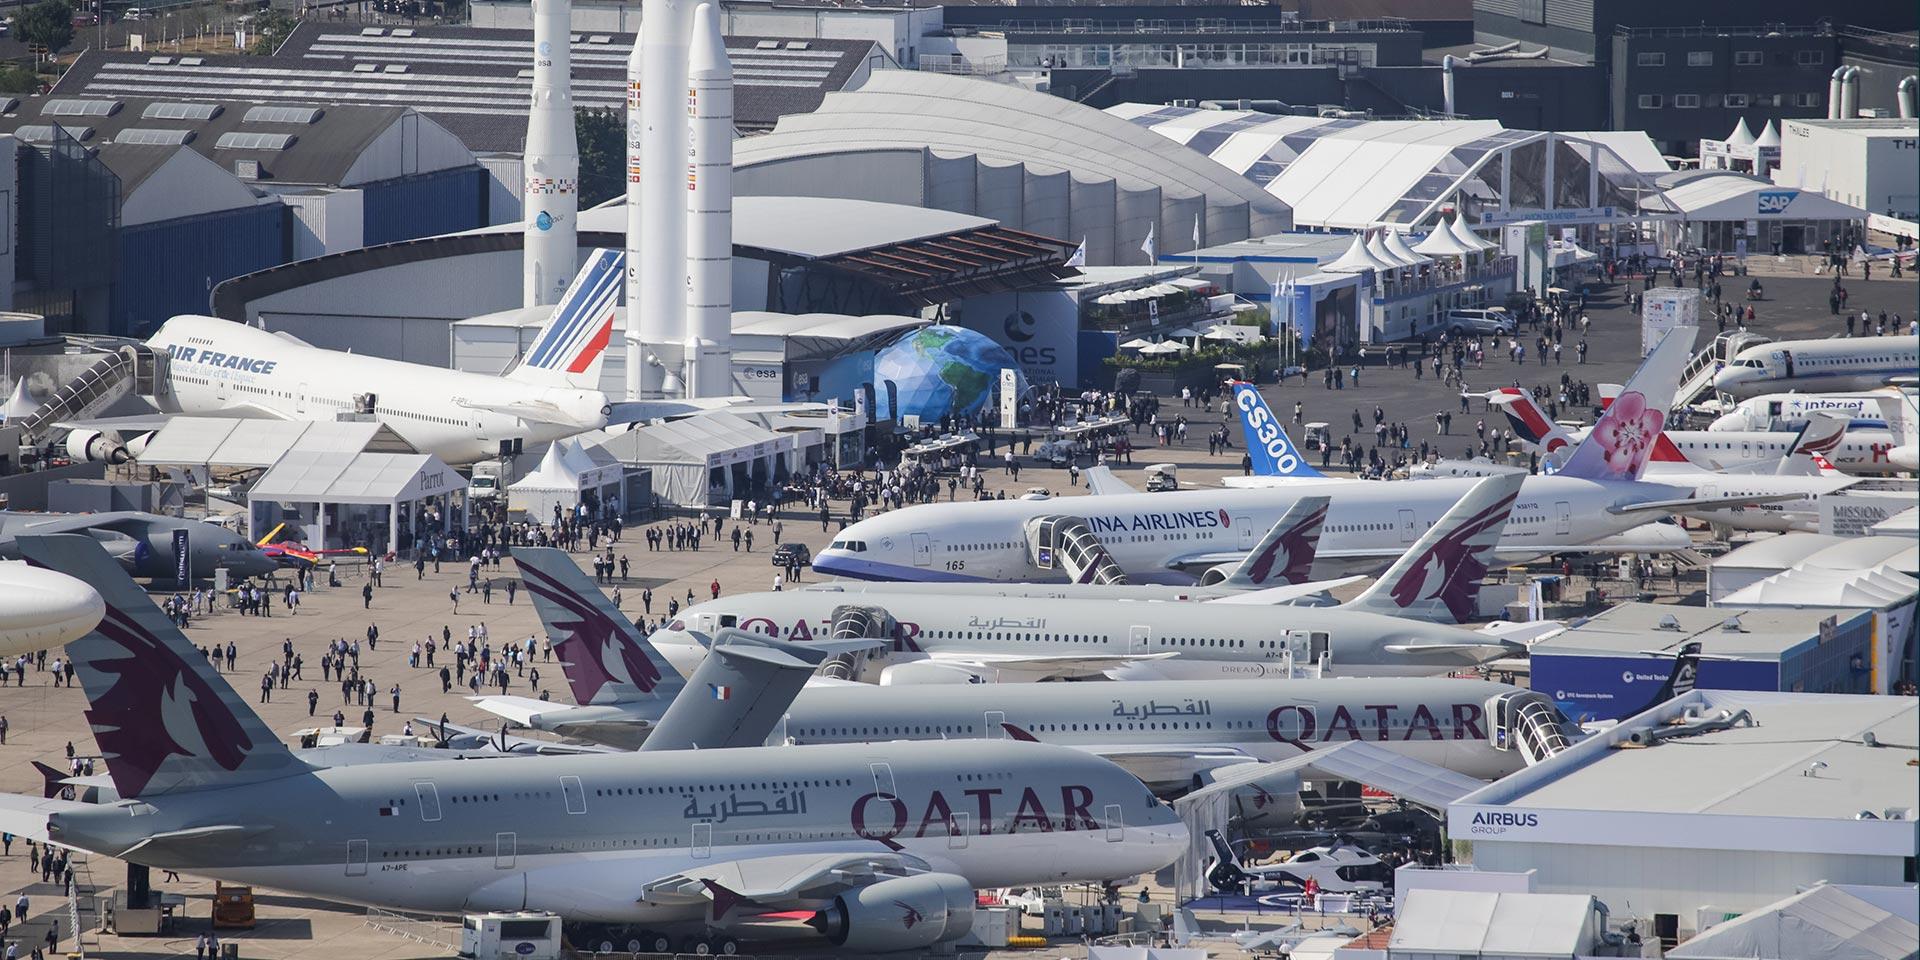 Accueil siae 2017 for Air show paris 2015